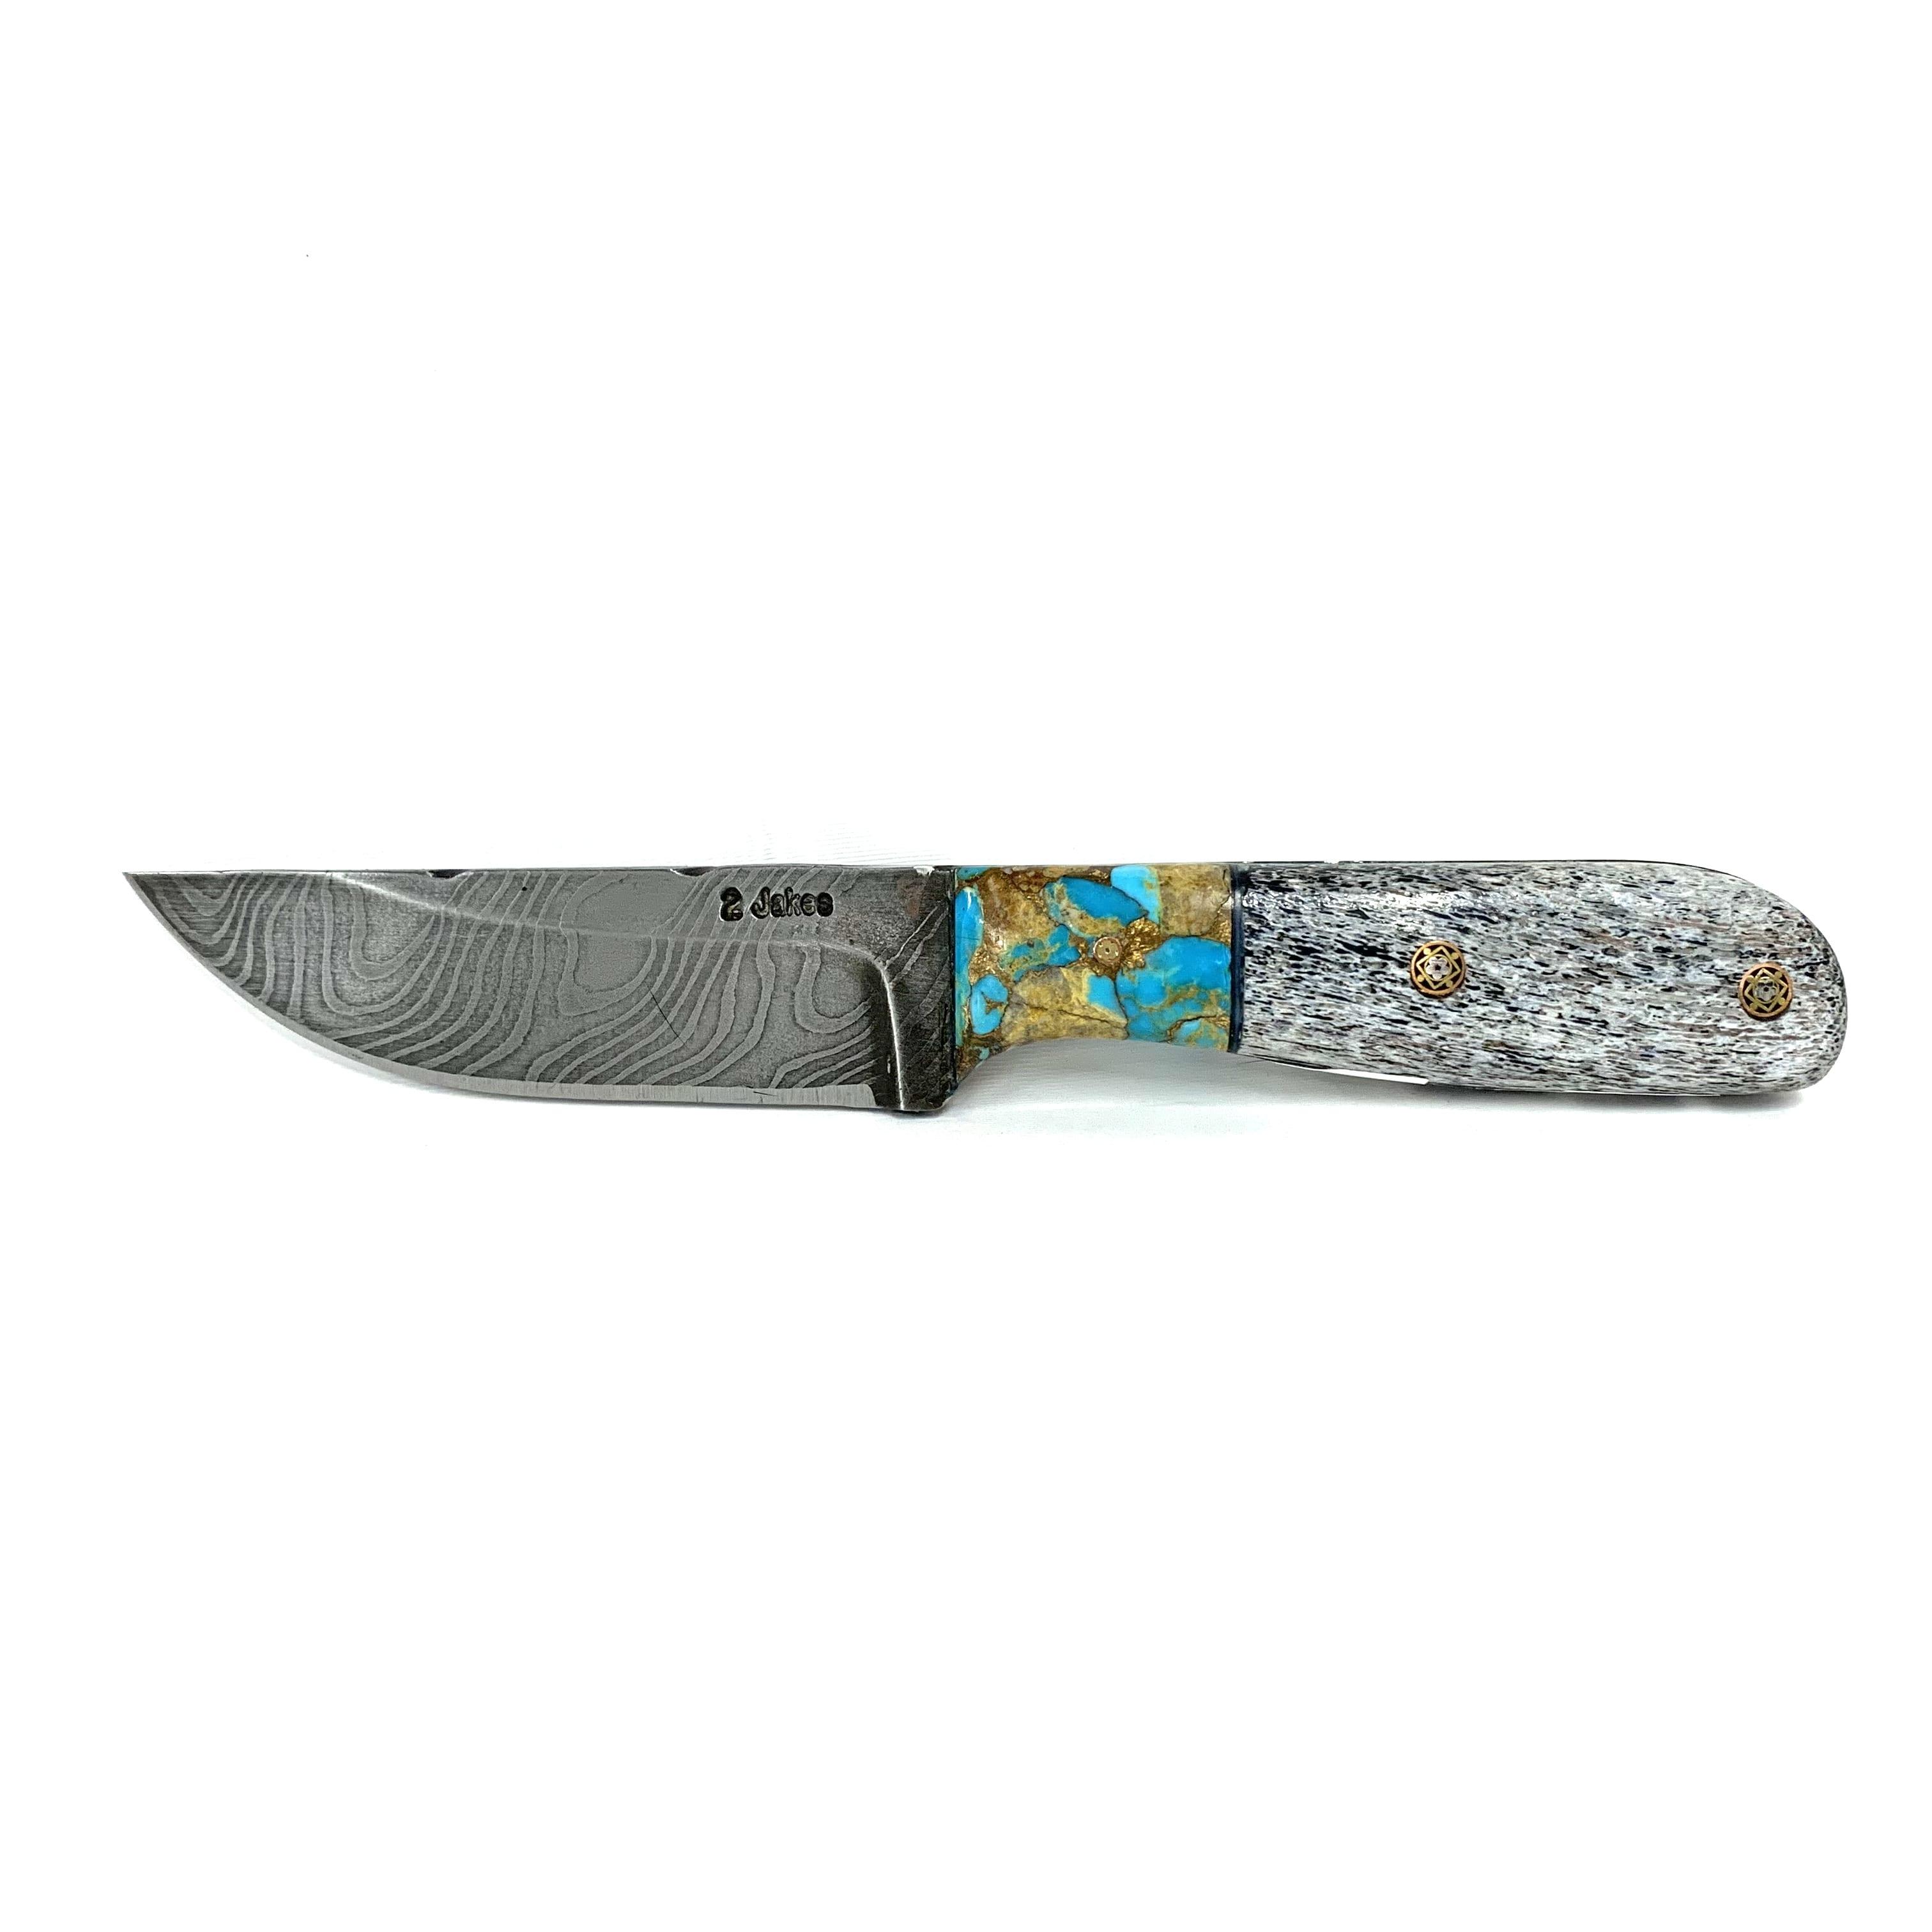 BOULDER TURQUOISE & ELK ANTLER CORE KNIFE